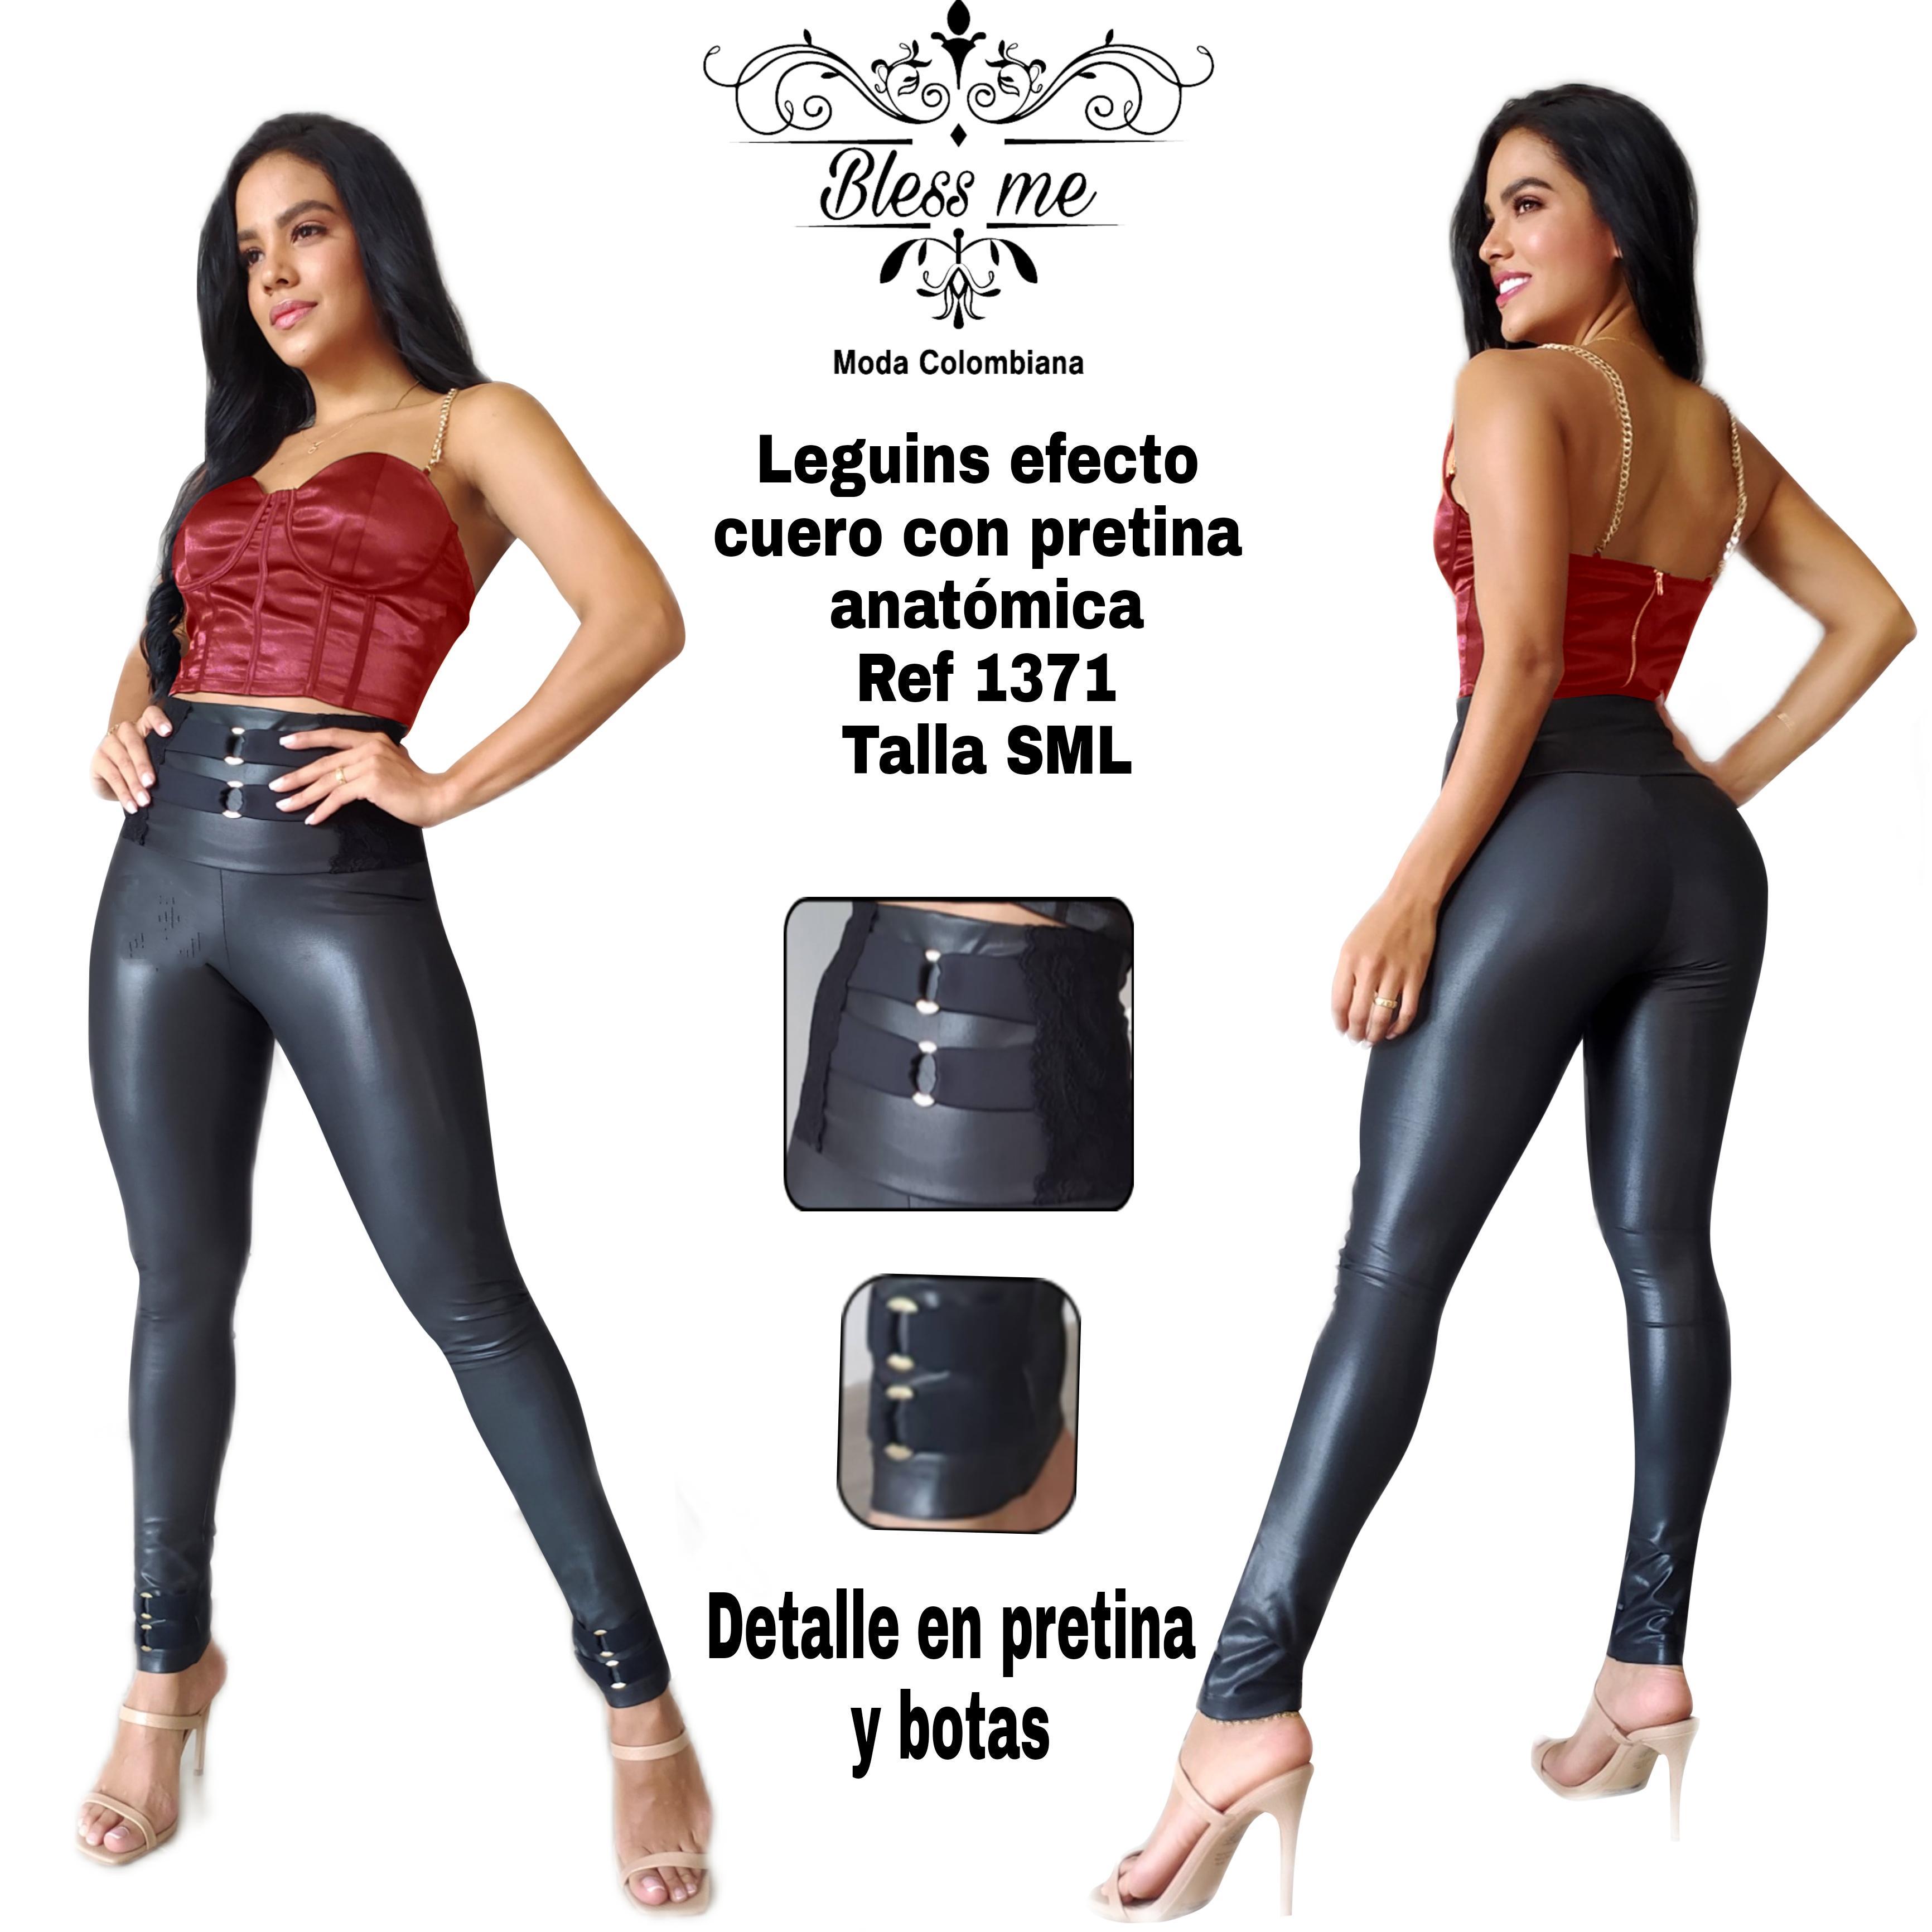 Colombian Leggings Bless Me